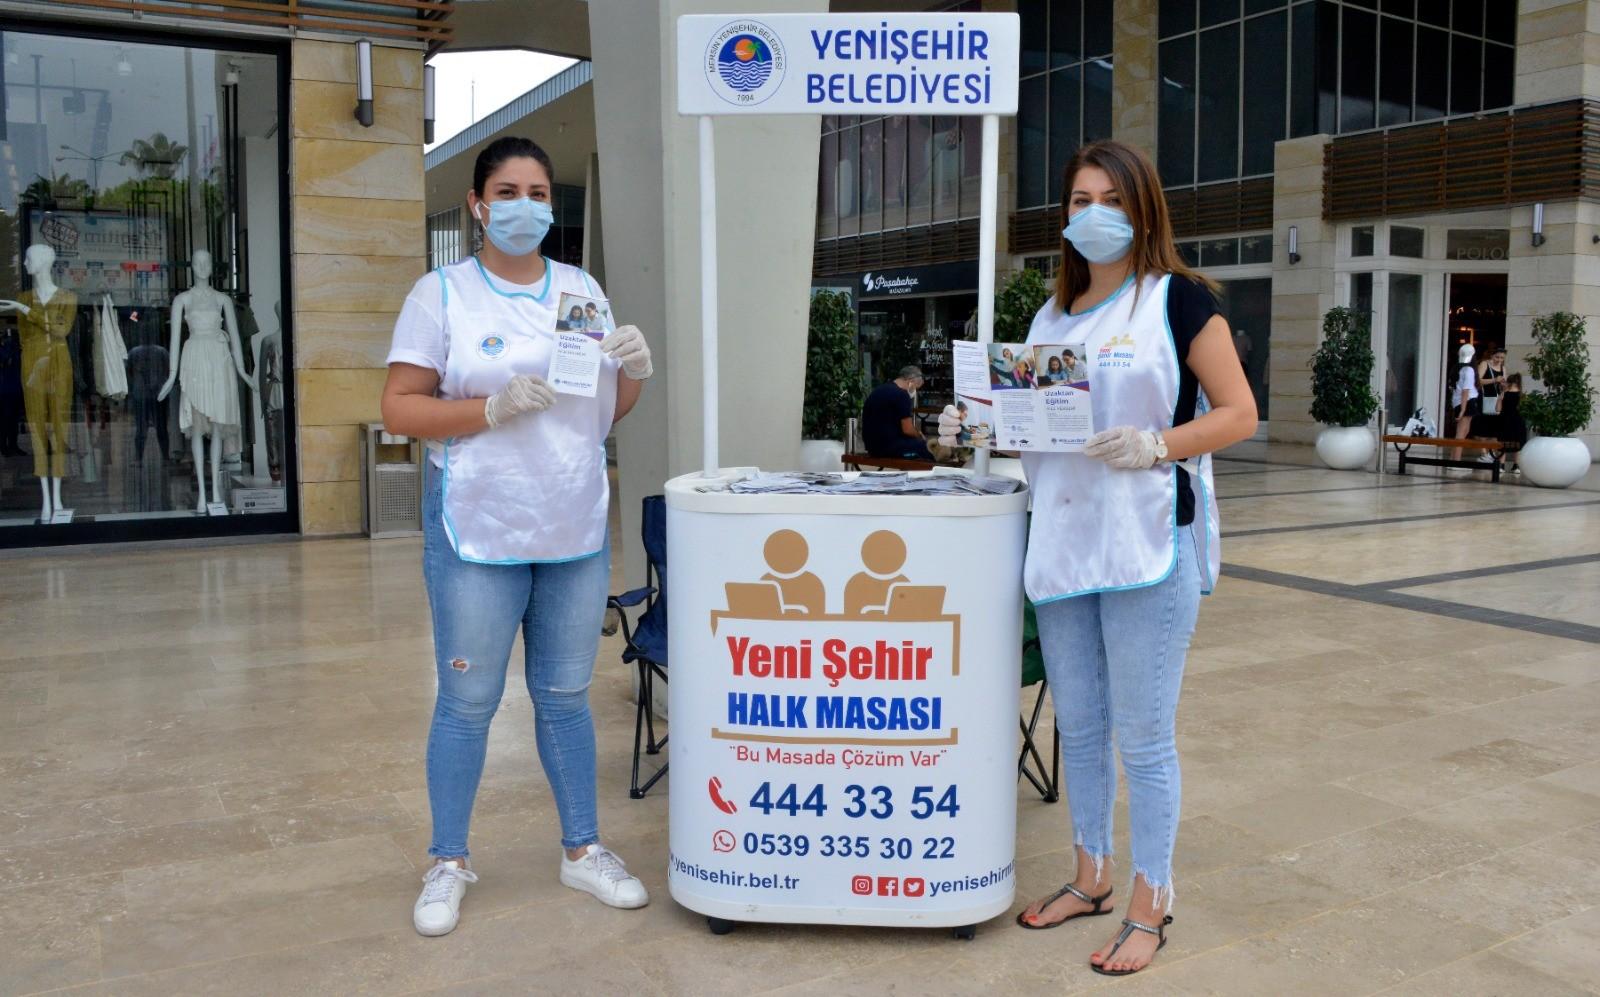 Yenişehir Belediyesi, aileleri uzaktan eğitime hazırlıyor